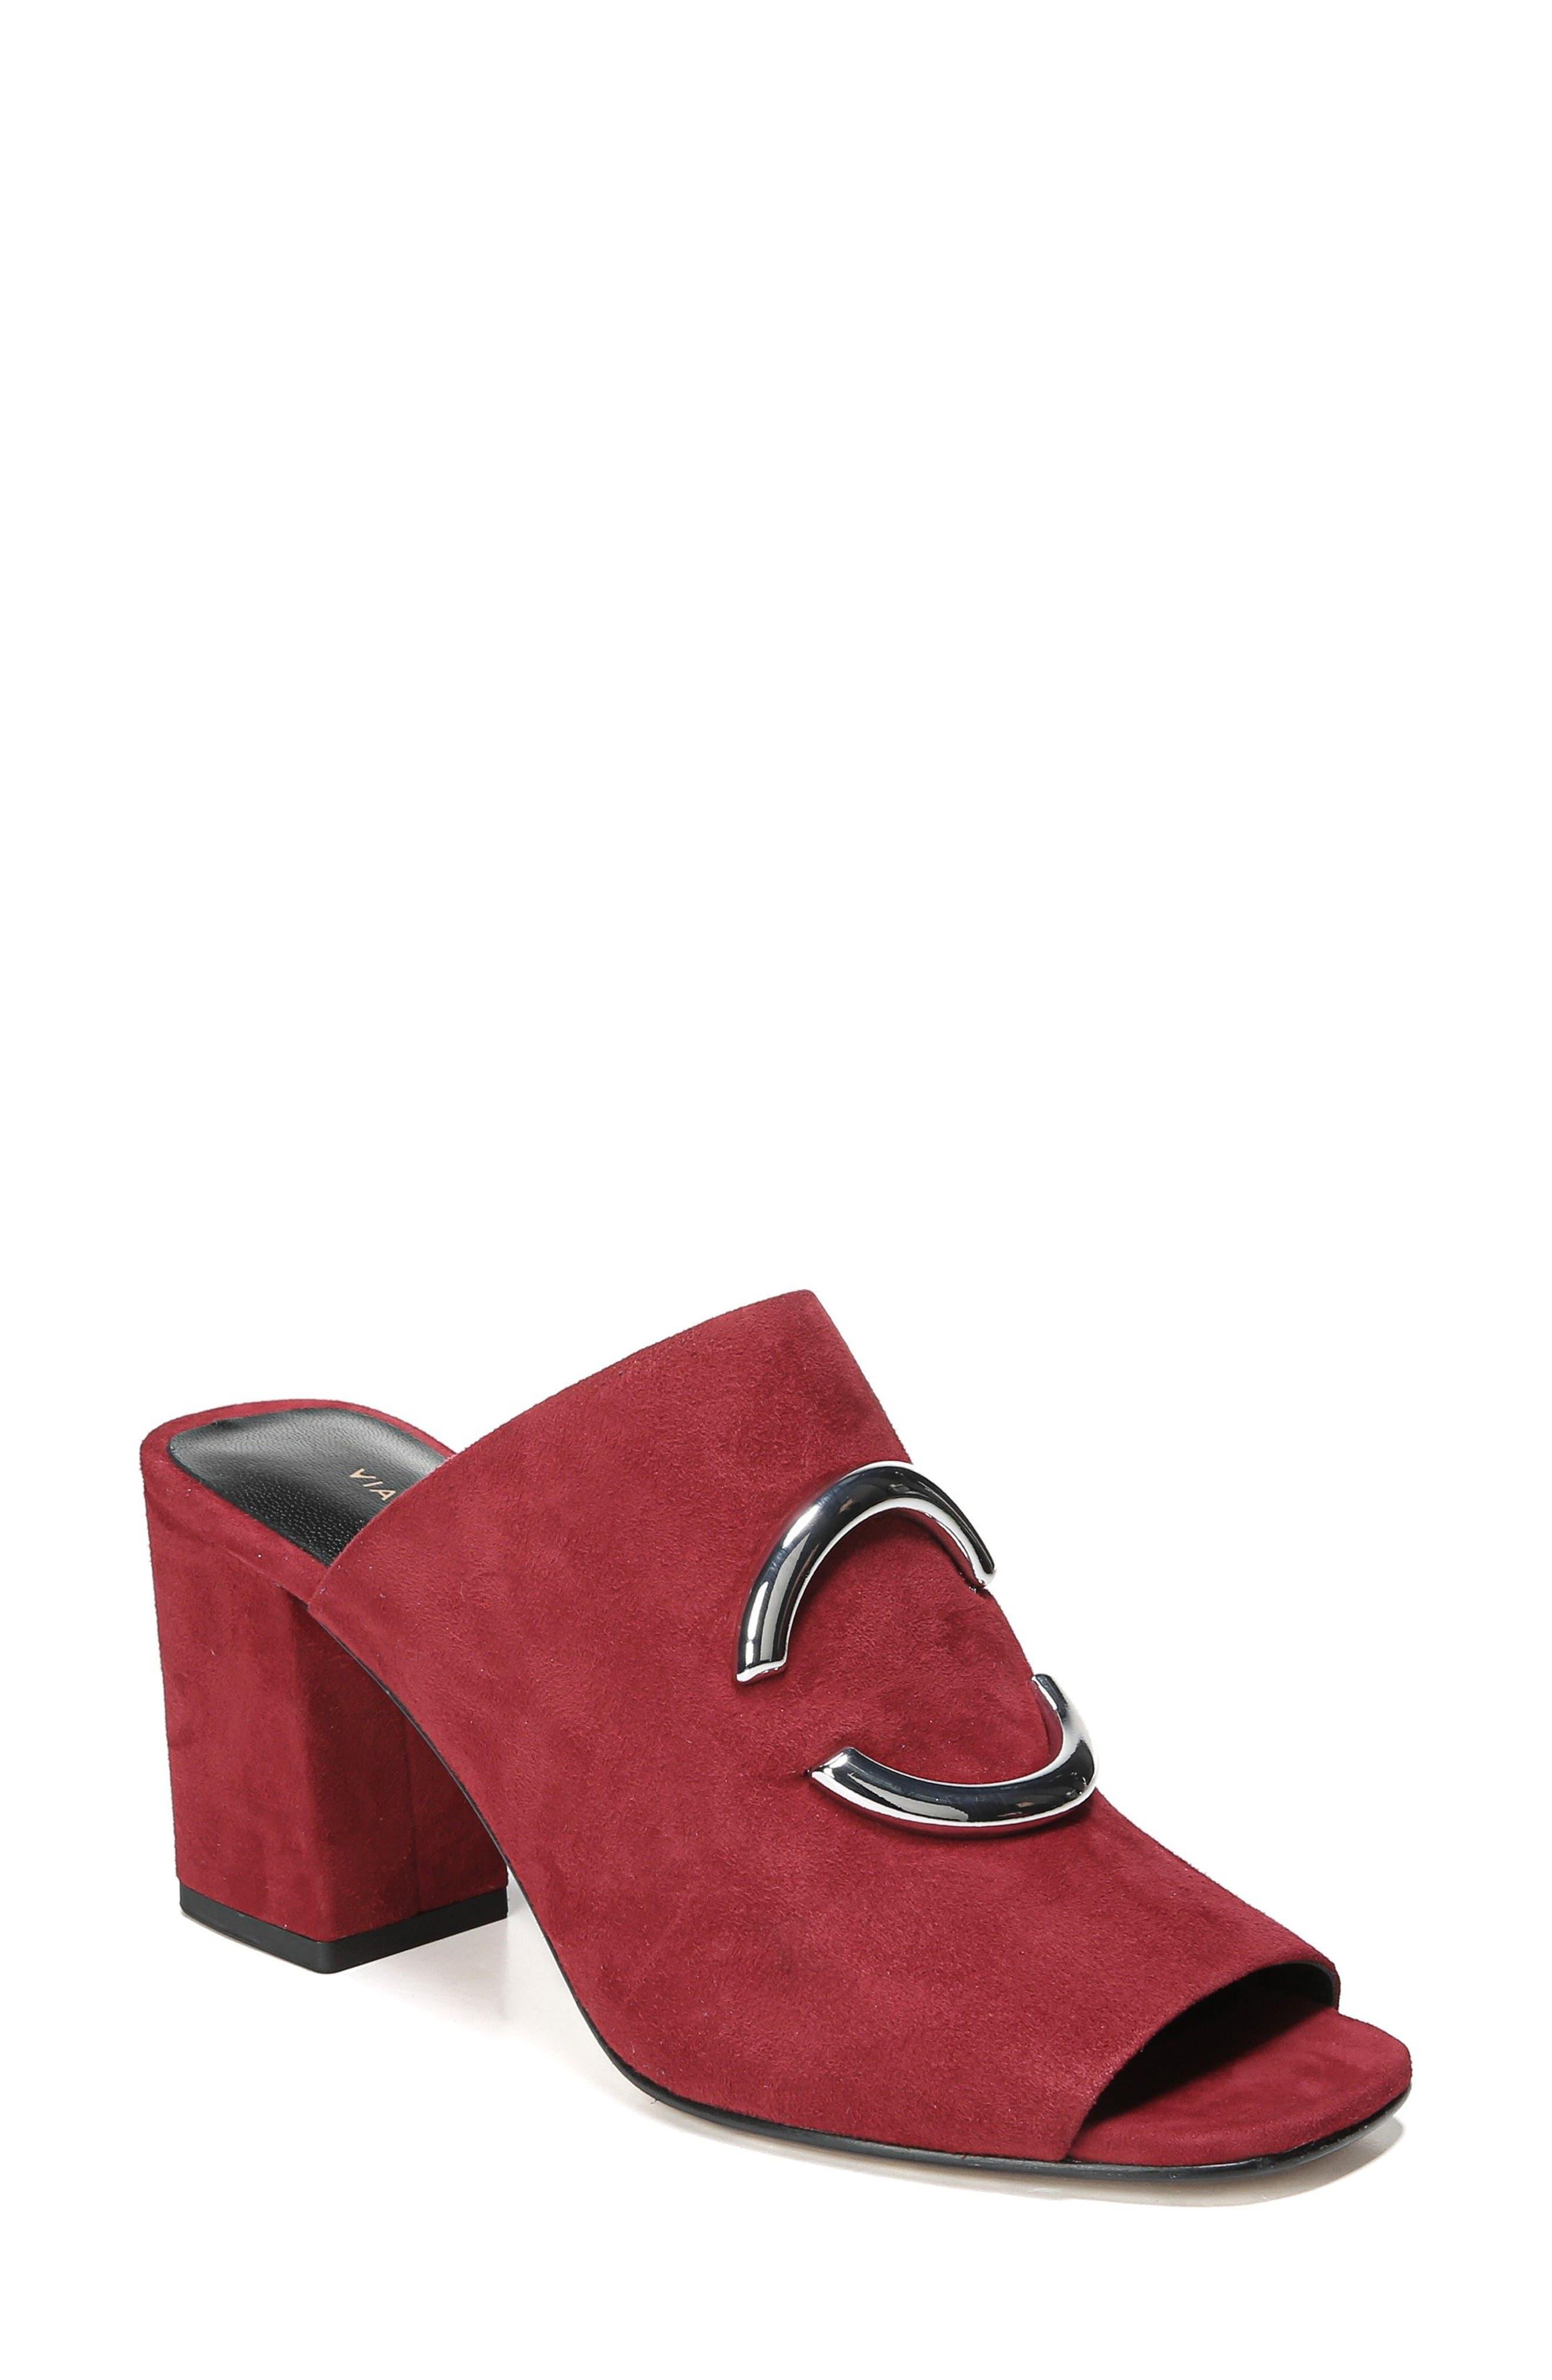 Eleni Slide Sandal,                         Main,                         color, Ruby Suede